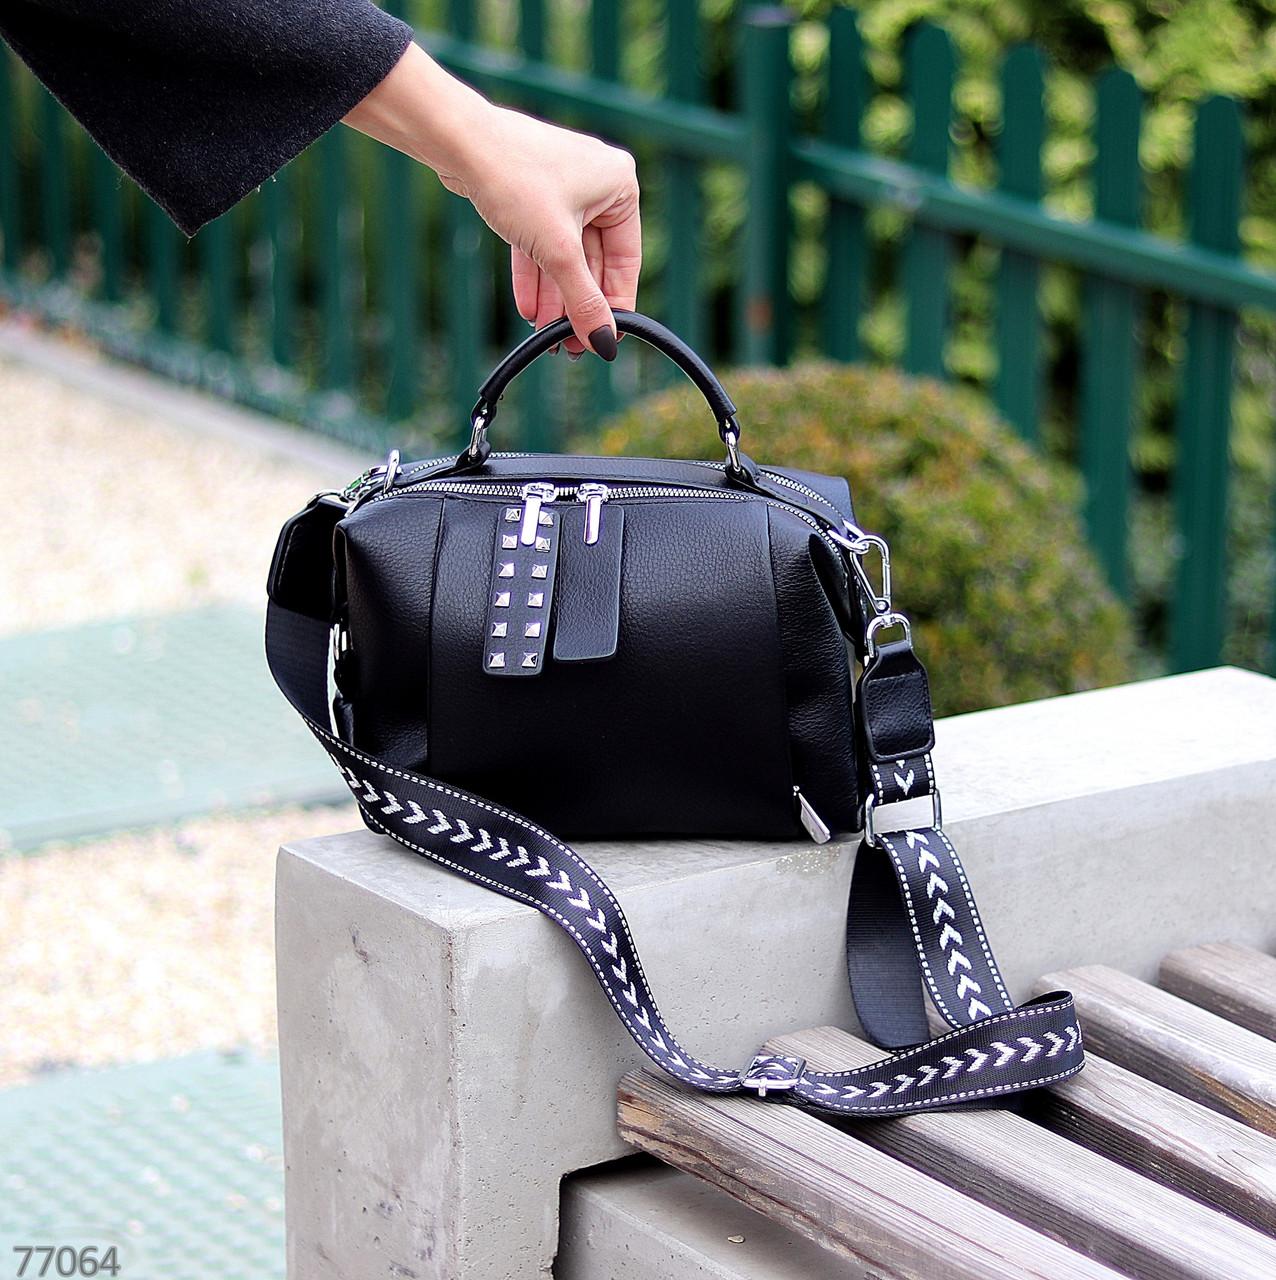 Стильная черная городская женская сумка кроссбоди Регулируемый широкий ремень на плечо